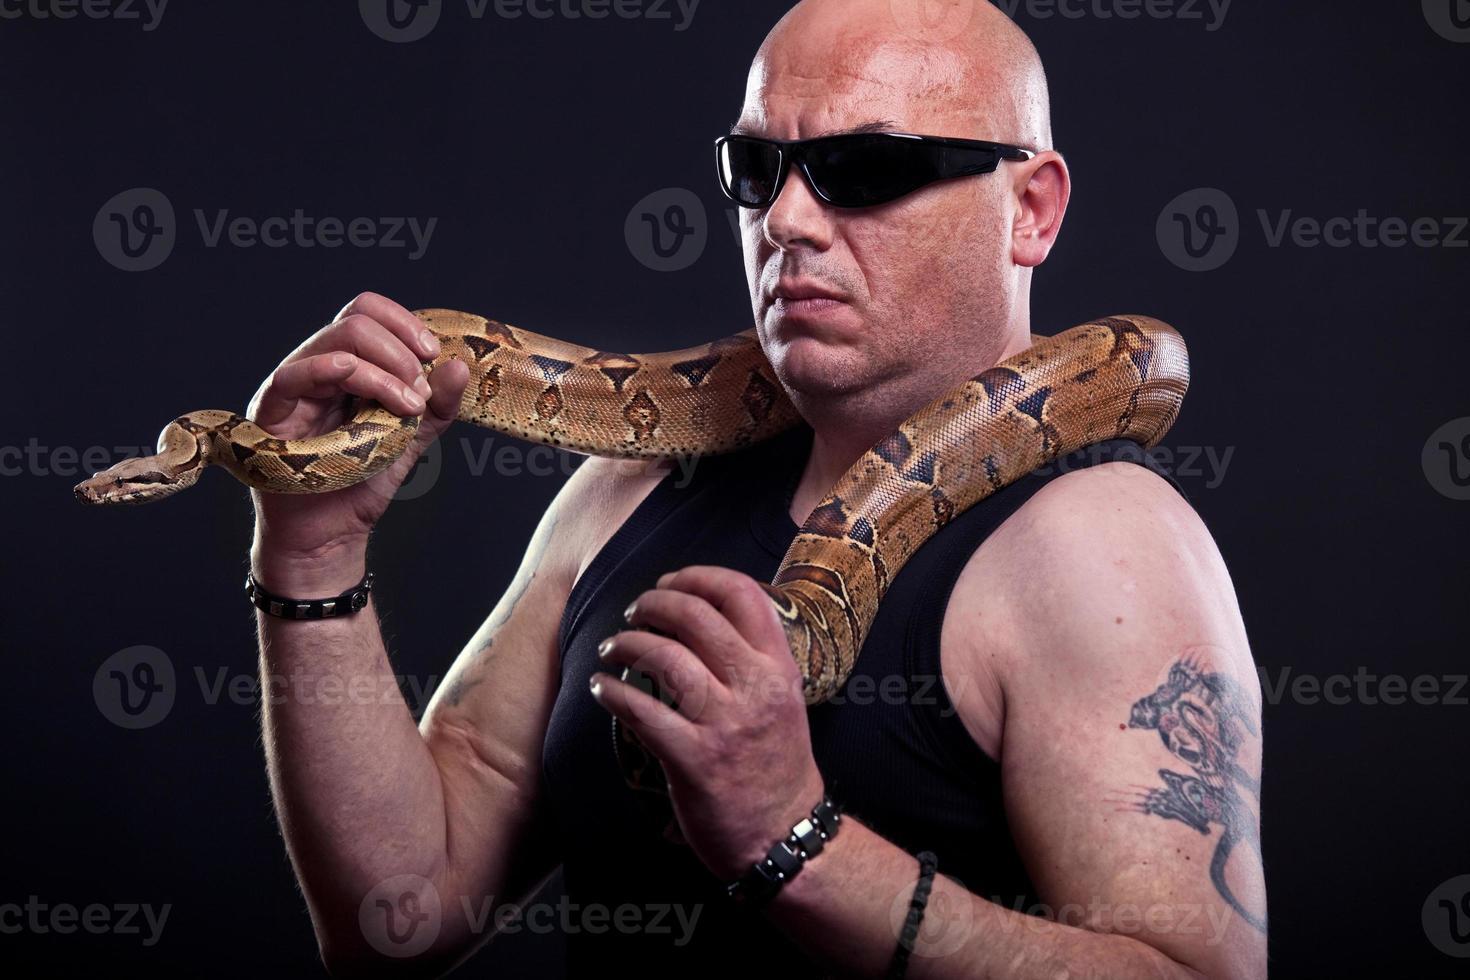 Mafia guy with snake photo